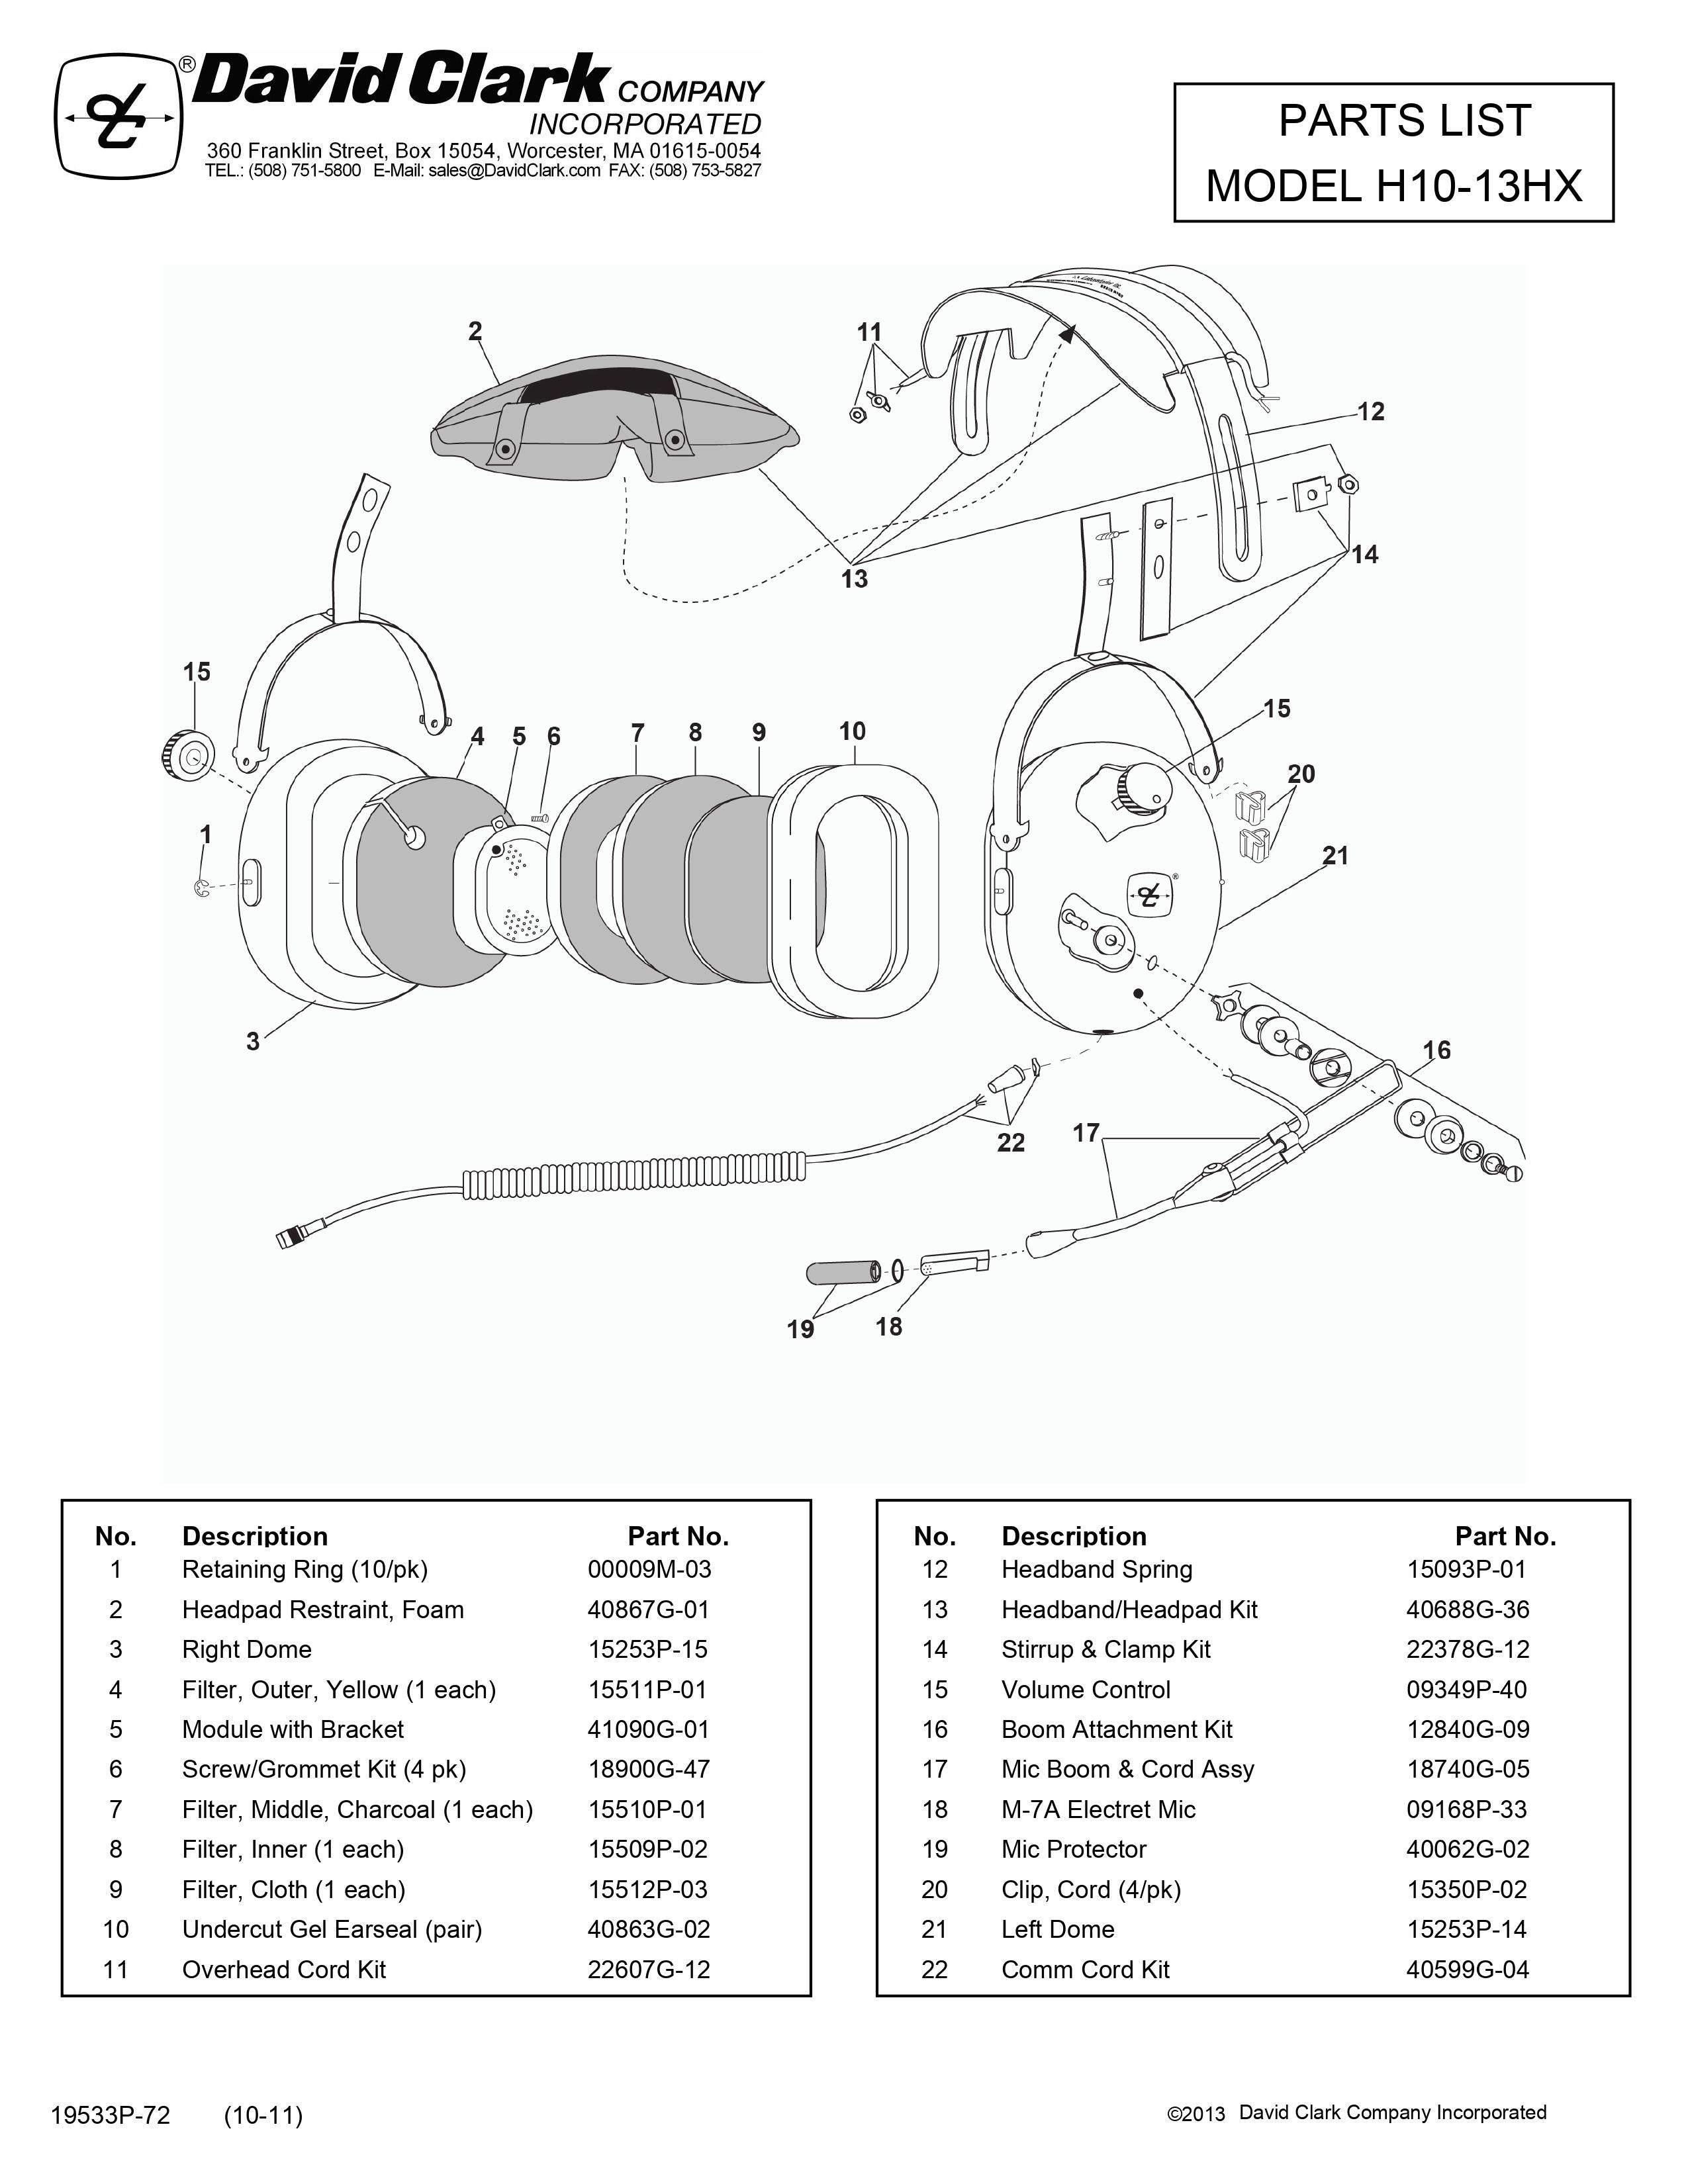 PARTS LIST H10-13HXL BUCKERBOOK